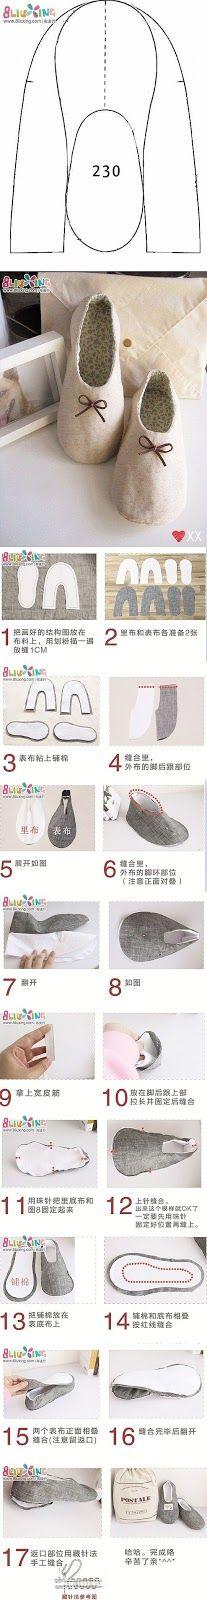 Πώς να φτιάξετε βήμα βήμα παντόφλες απο ένα παλιό πουλόβερ + 15 φανταστικές ιδέες! | Φτιάξτο μόνος σου - Κατασκευές DIY - Do it yourself